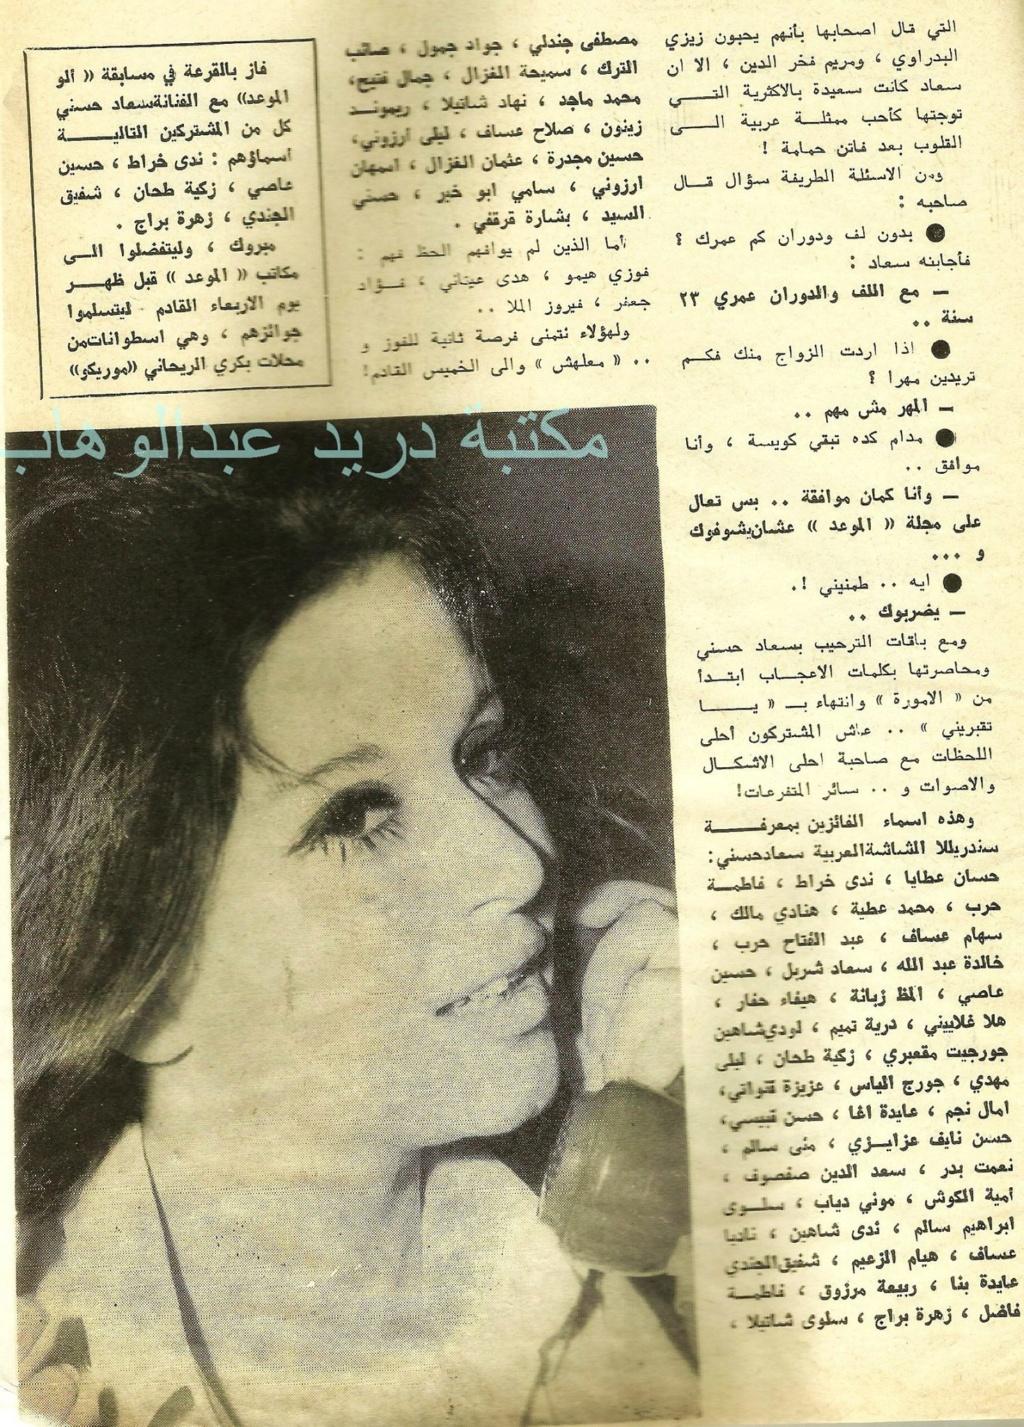 مقال صحفي : السندريللا .. والكل يحبونها 1969 م 461